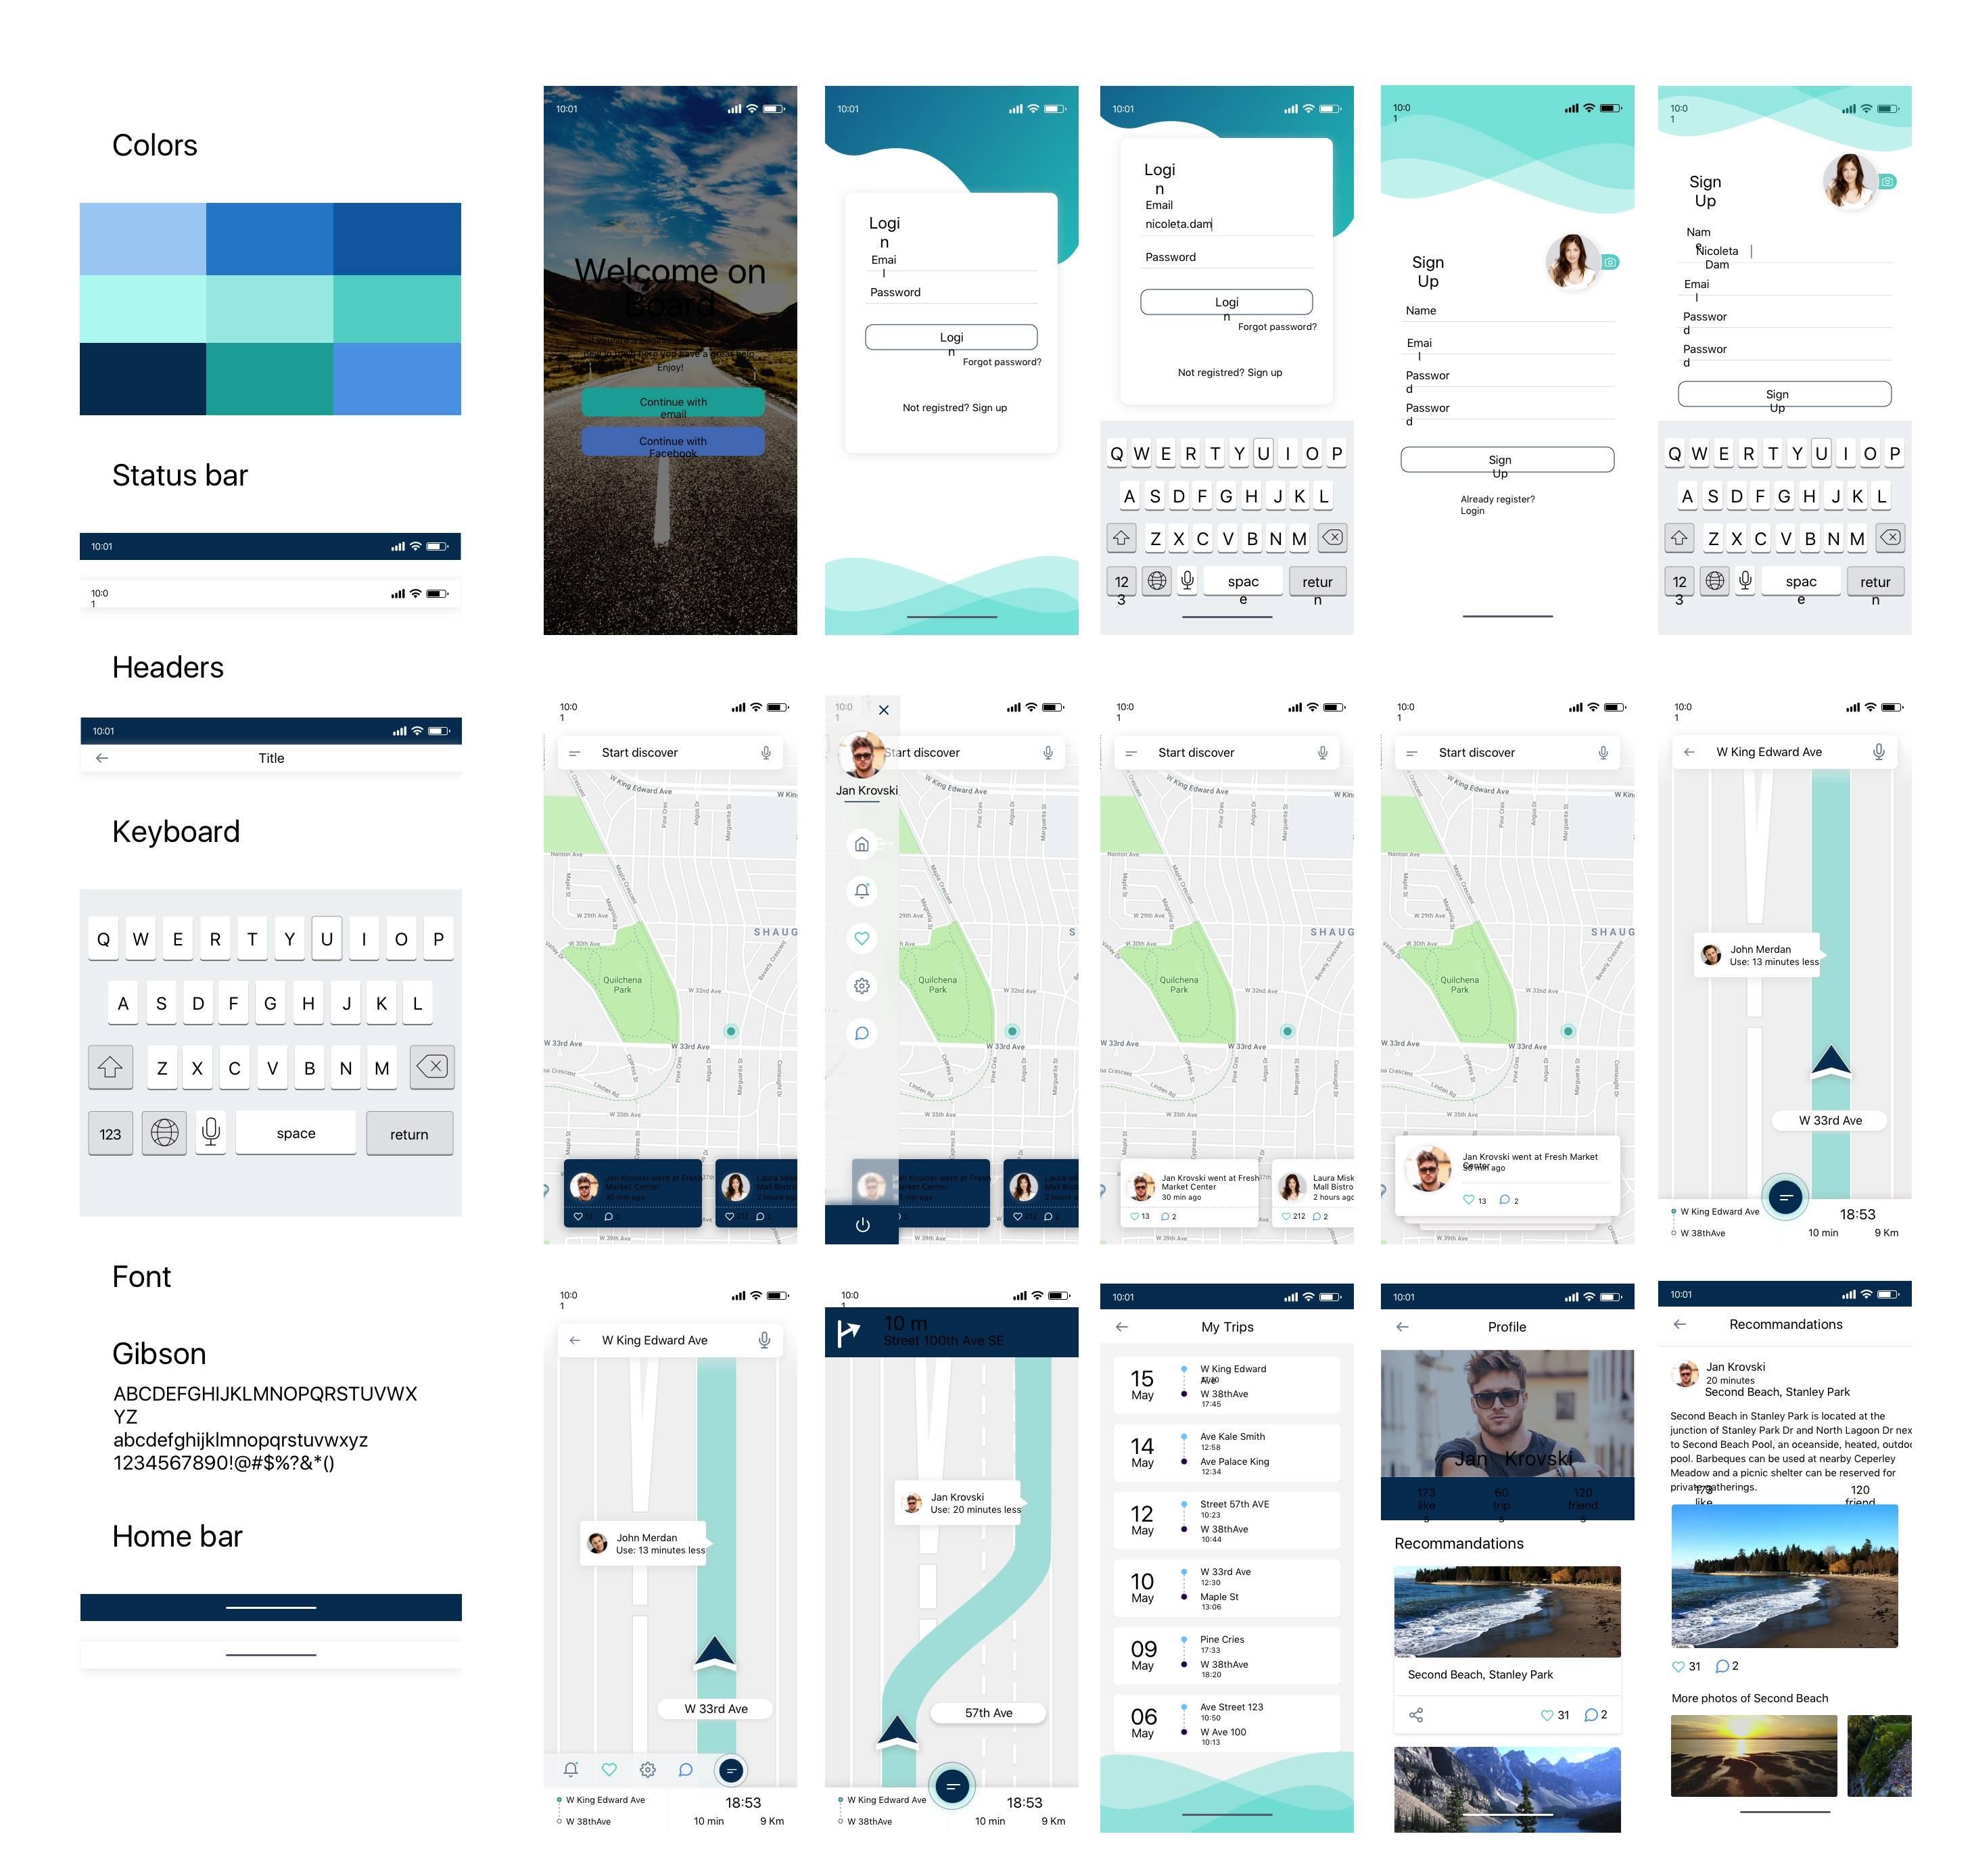 旅行app UI界面设计 .sketch素材下载 主题包-第1张